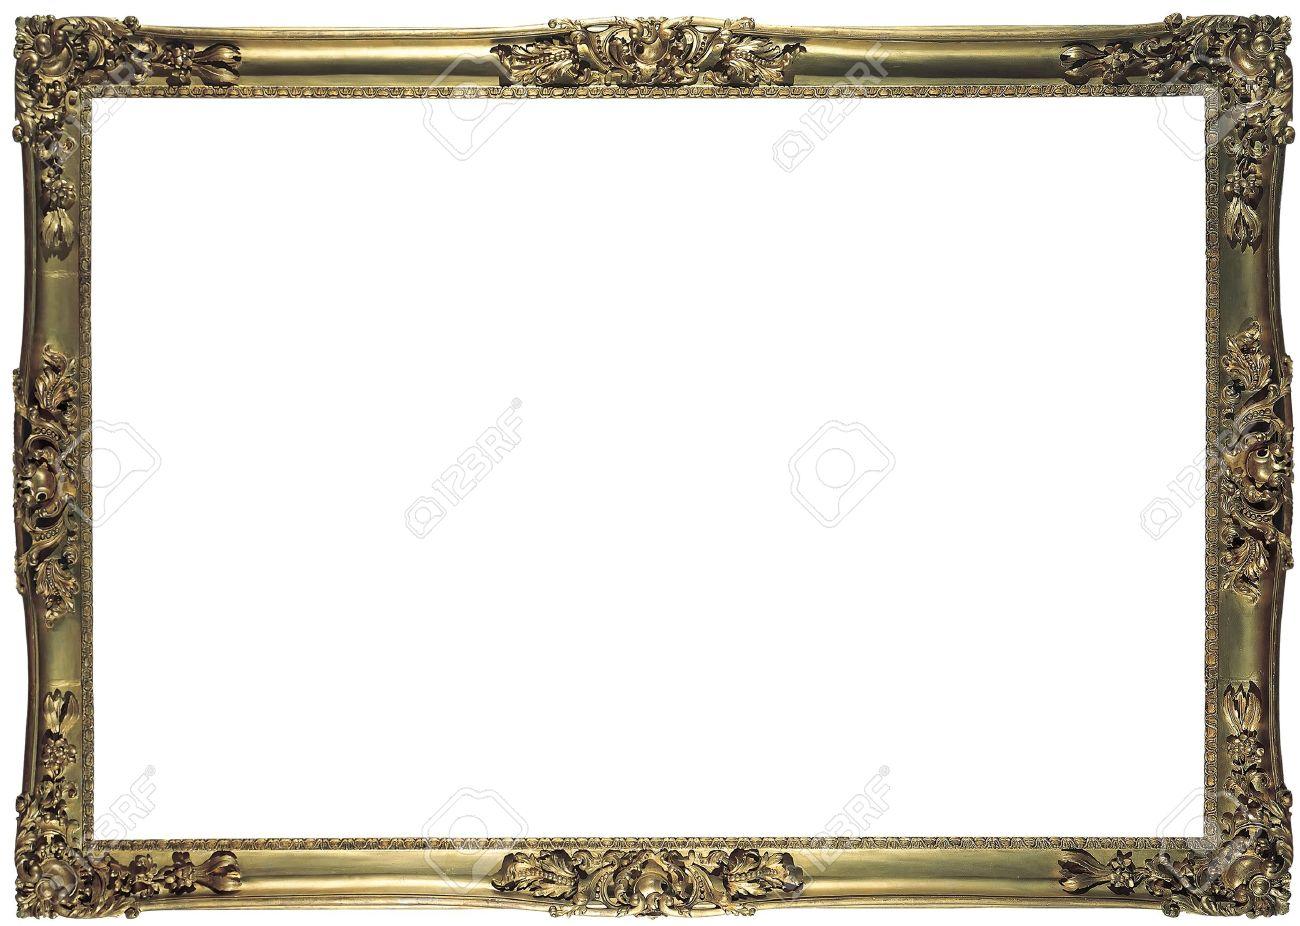 Antike Bronze Rahmen Für Ein Bild Isoliert Lizenzfreie Fotos, Bilder ...